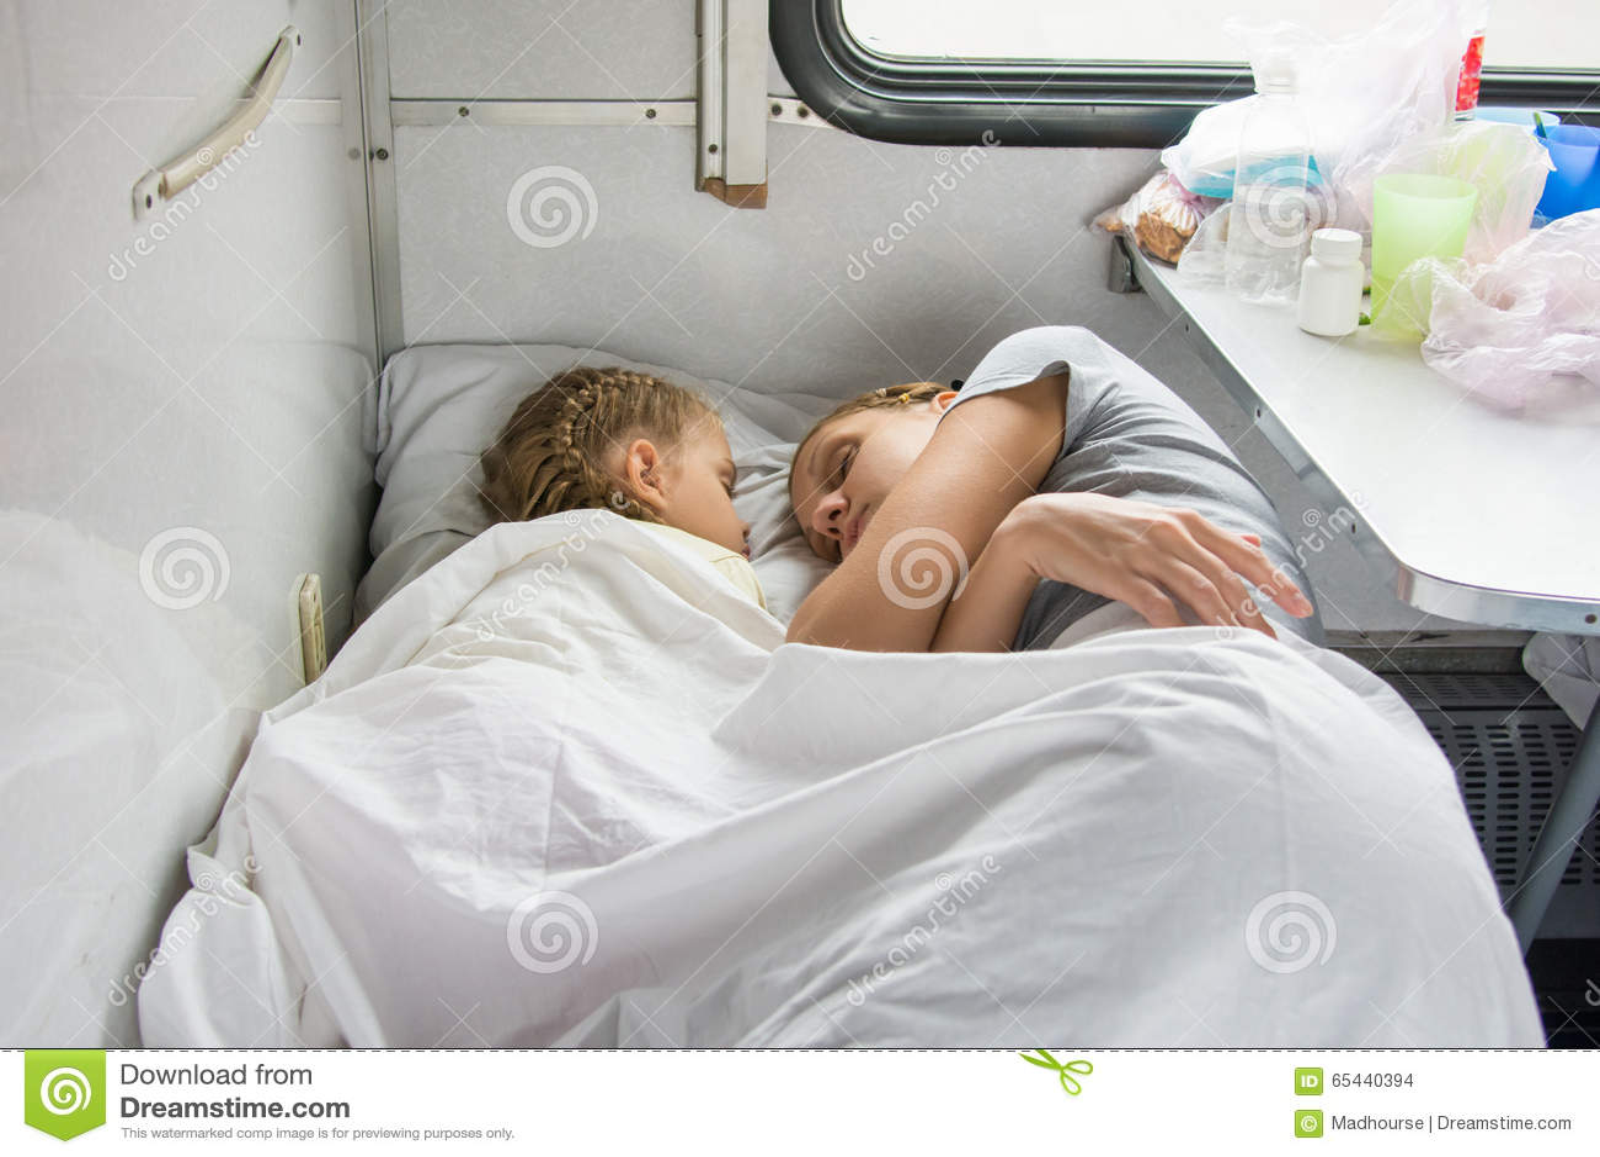 Mutter Und Tochter, Die Auf Dem Unteren Regal In Einem Zug Schlafen ...